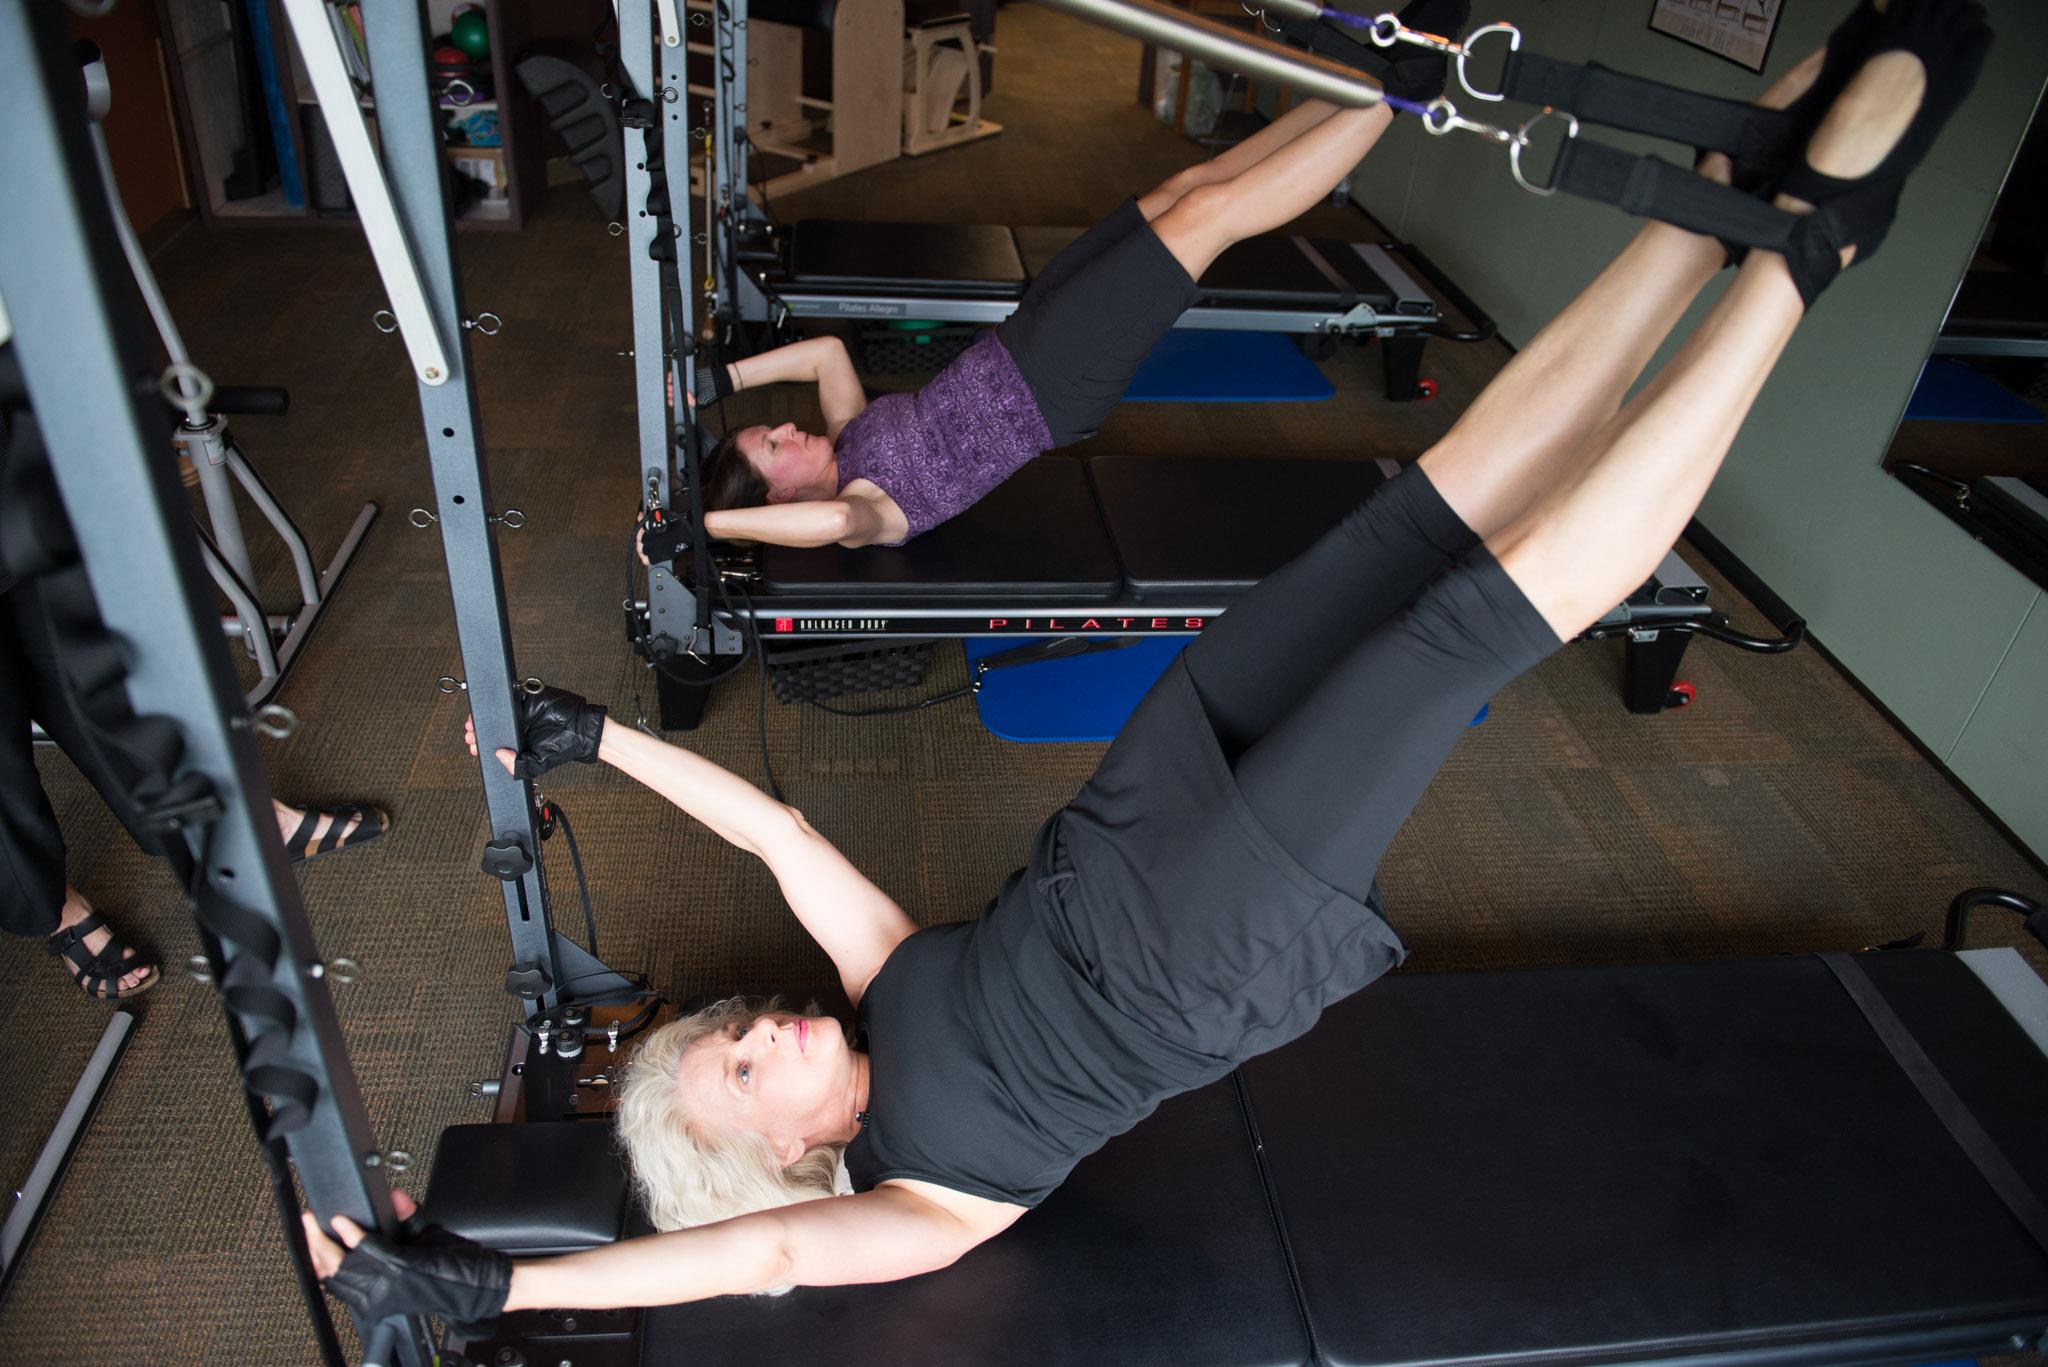 Wellness Center Stock Photos-1450.jpg